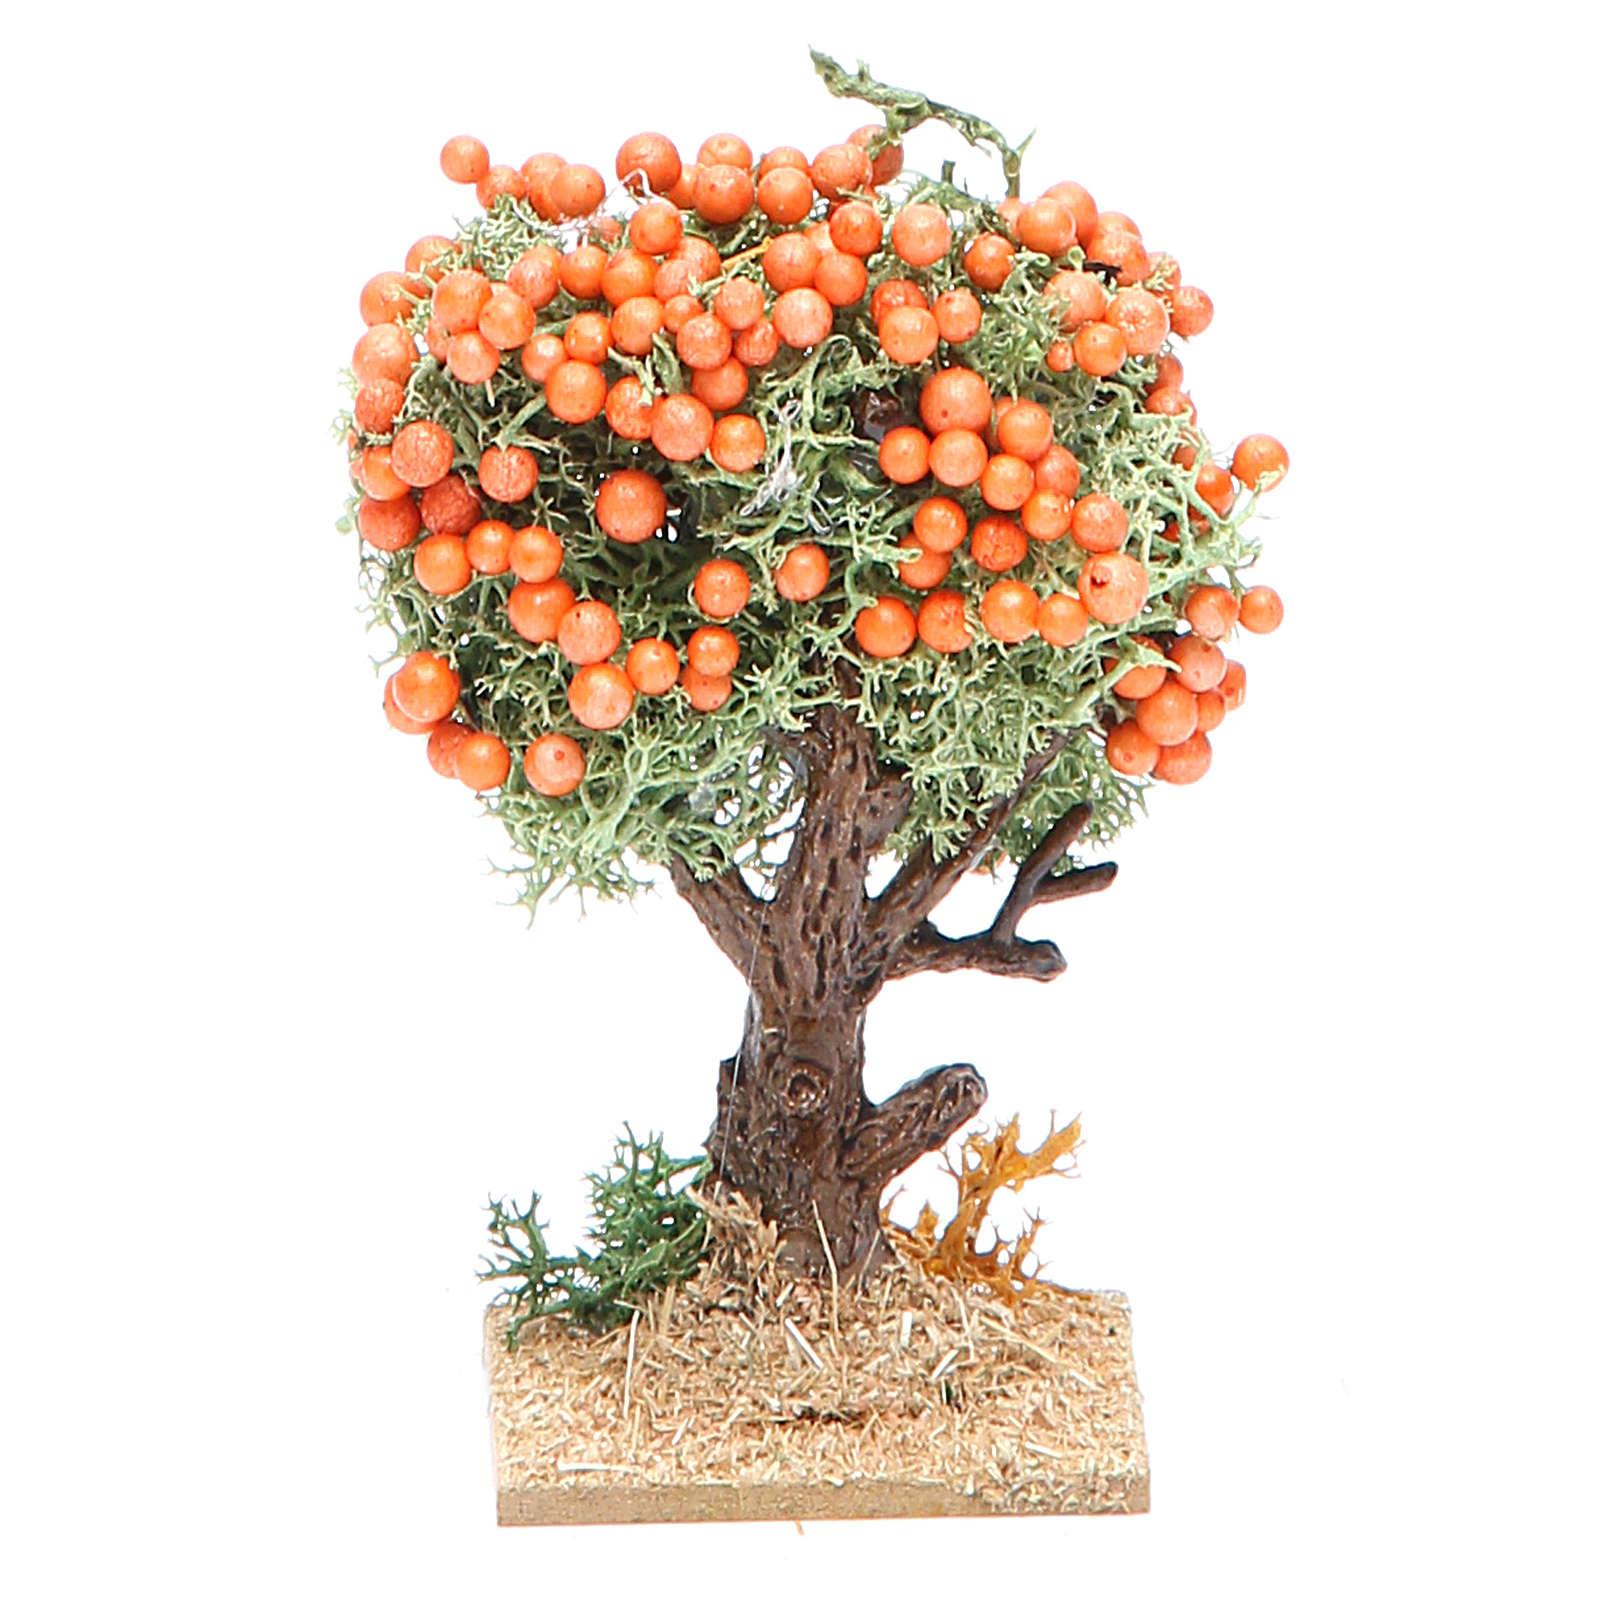 Alberello da frutta modelli assortiti 4